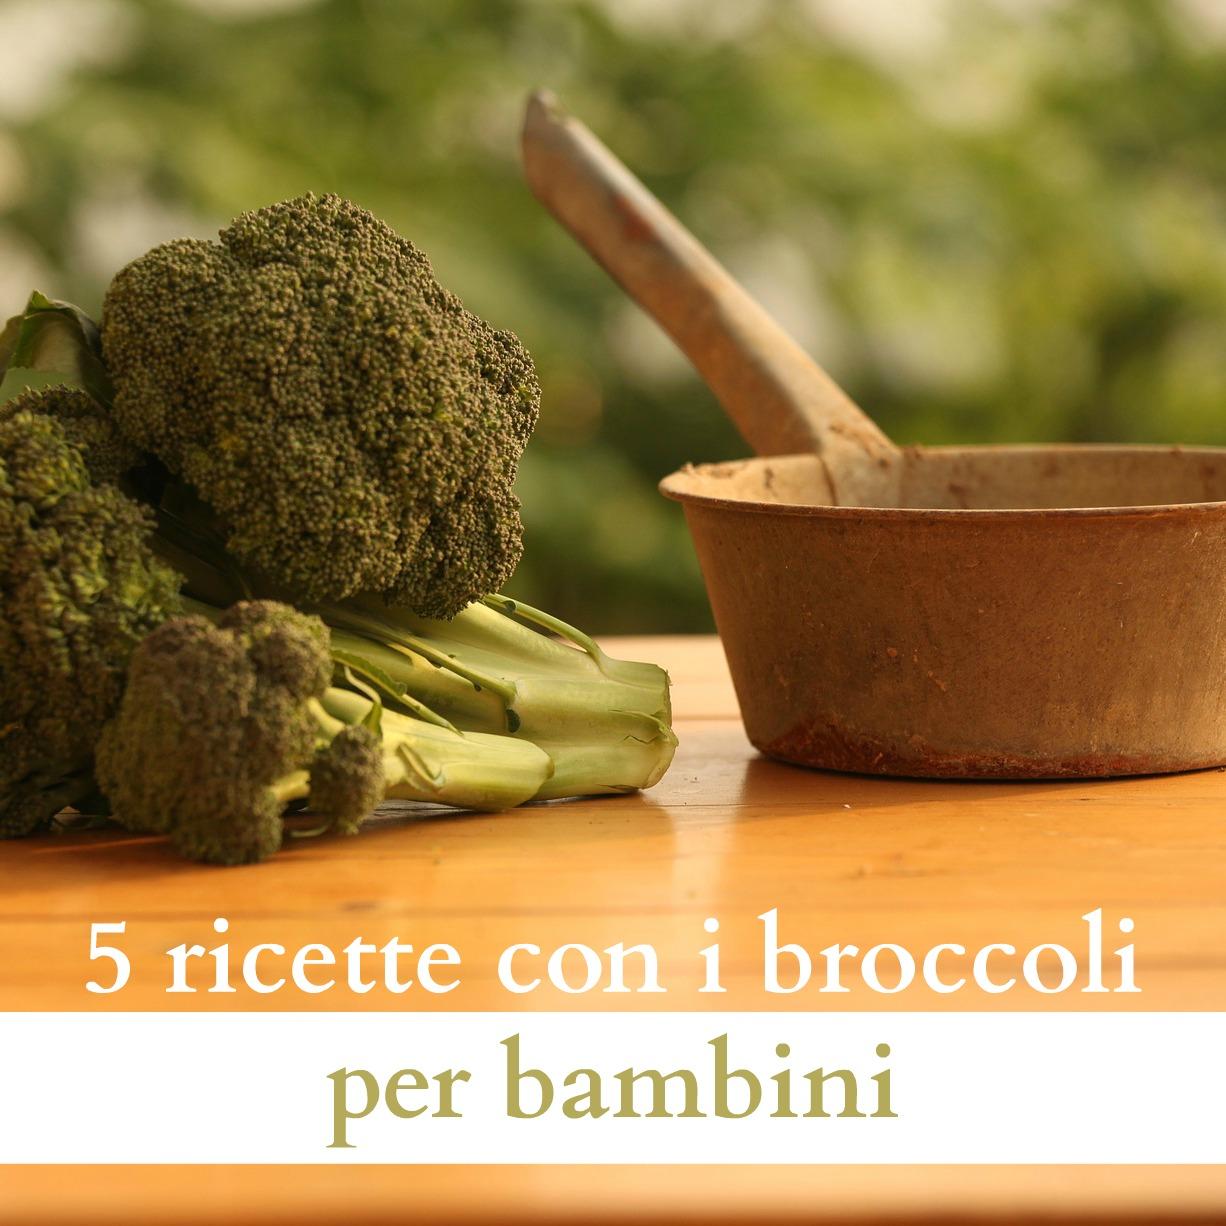 5 ricette con i broccoli per bambini babygreen for Ricette per bimbi